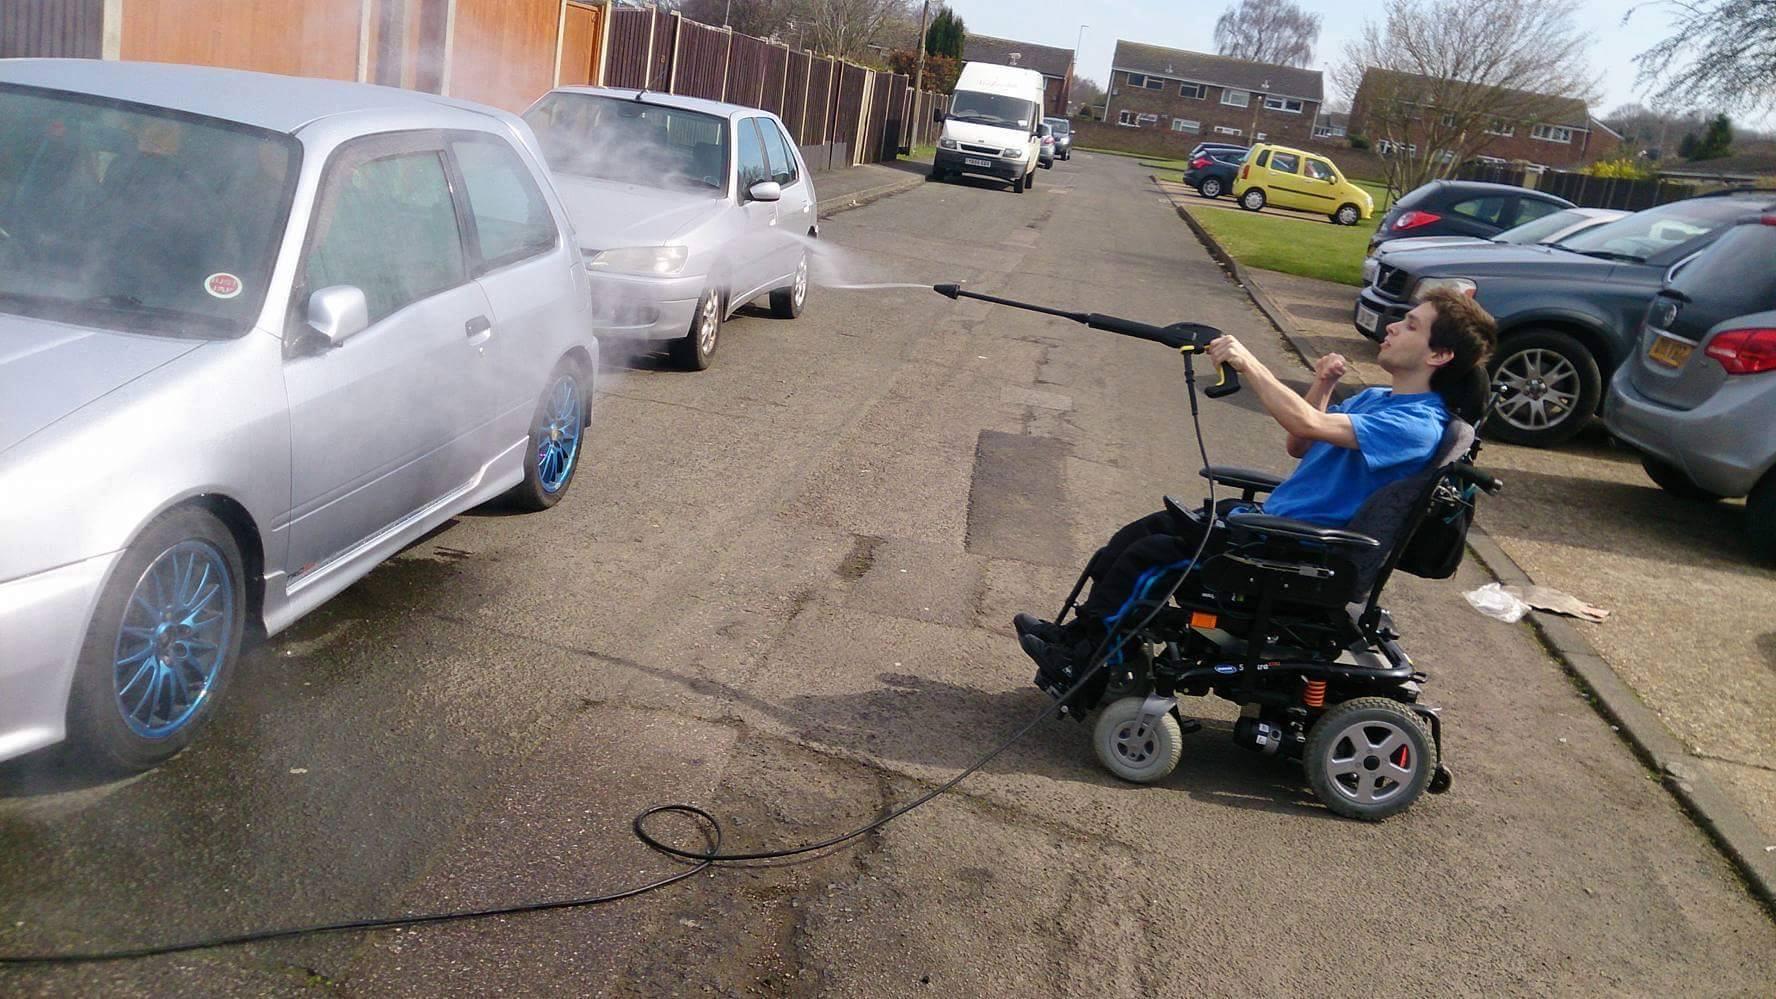 Fotos de joven discapacitado lavando autos se hacen virales